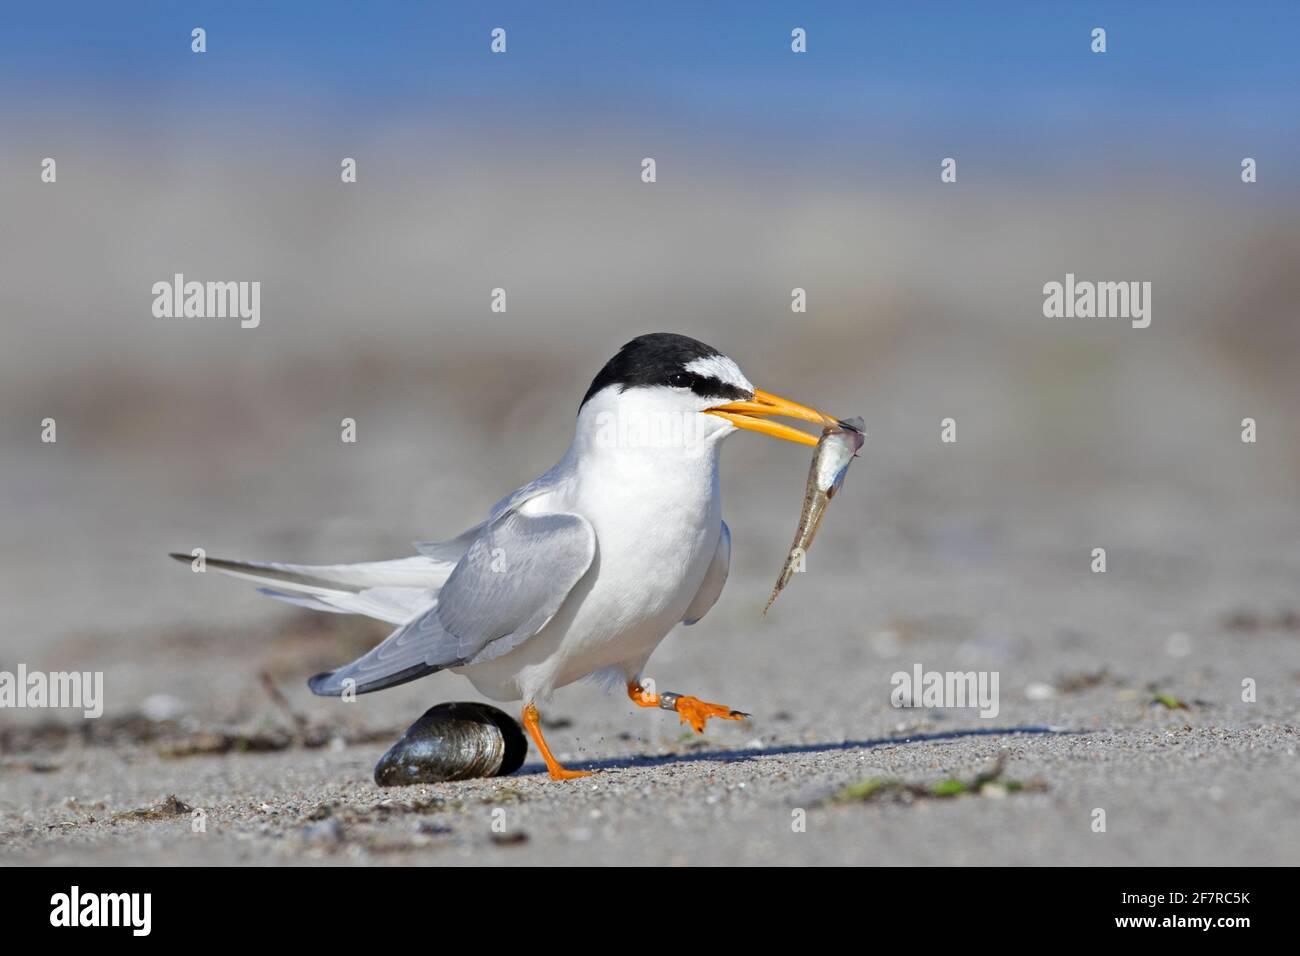 Piccolo terno (Sternula albifrons / Sterna albifrons) con la preda di pesce in becco sulla spiaggia Foto Stock